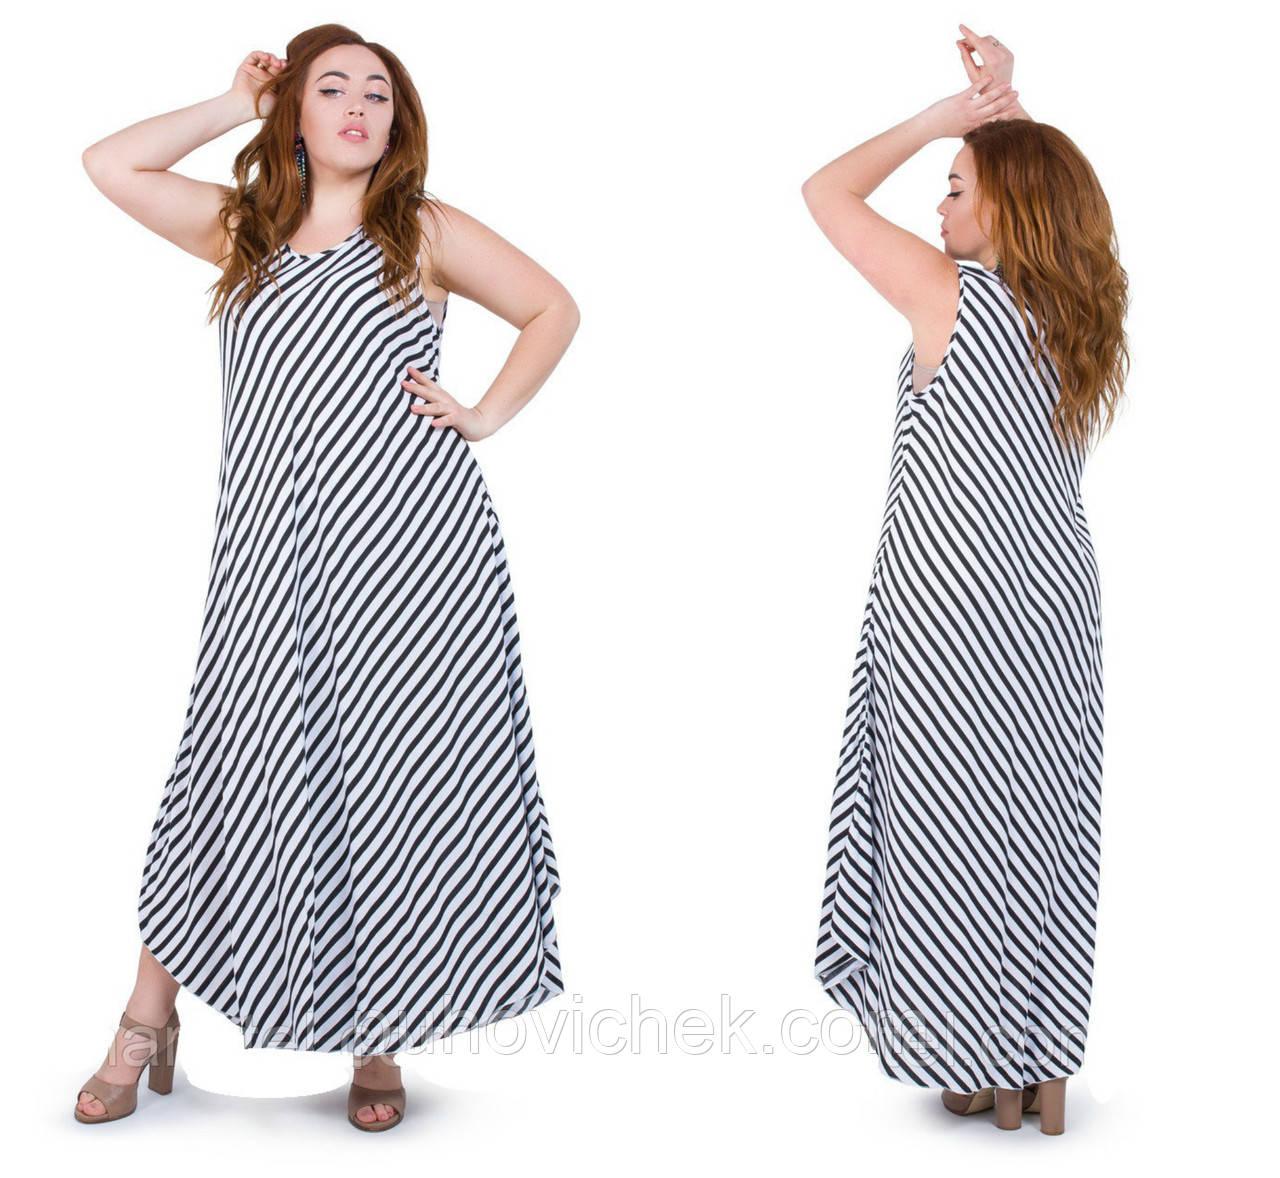 26db98412e4 Сарафан женский летний большого размера в полоску - Интернет магазин Линия  одежды в Харькове